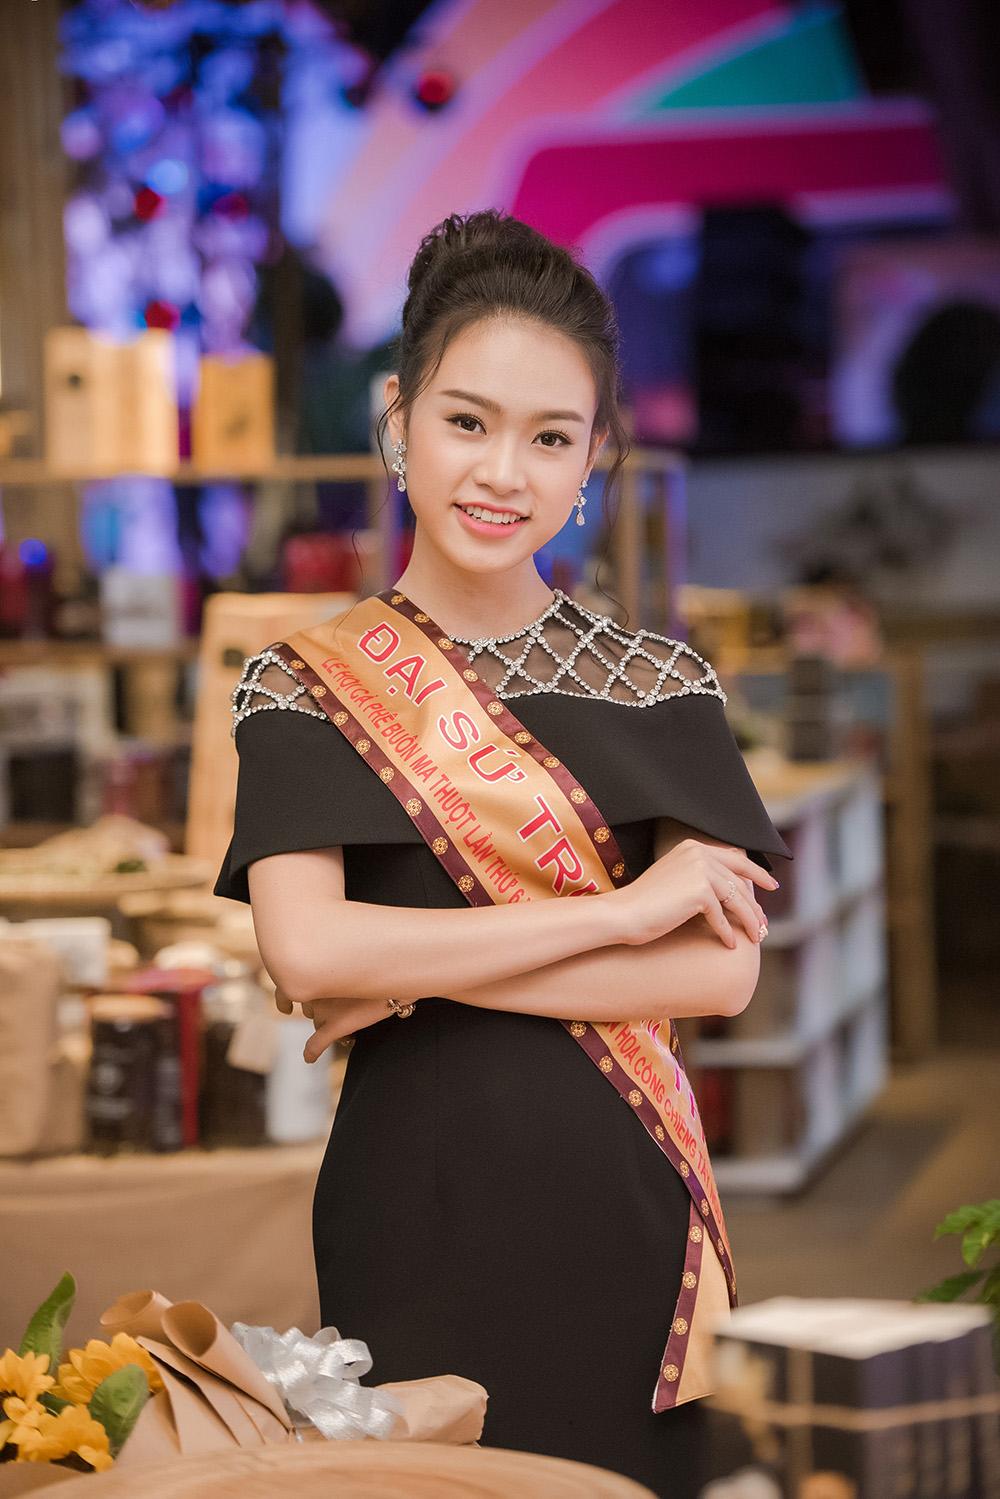 Hình ảnh Mỹ nhân học giỏi nhất HHVN khoe vẻ đẹp quyến rũ tại lễ hội cafe số 7